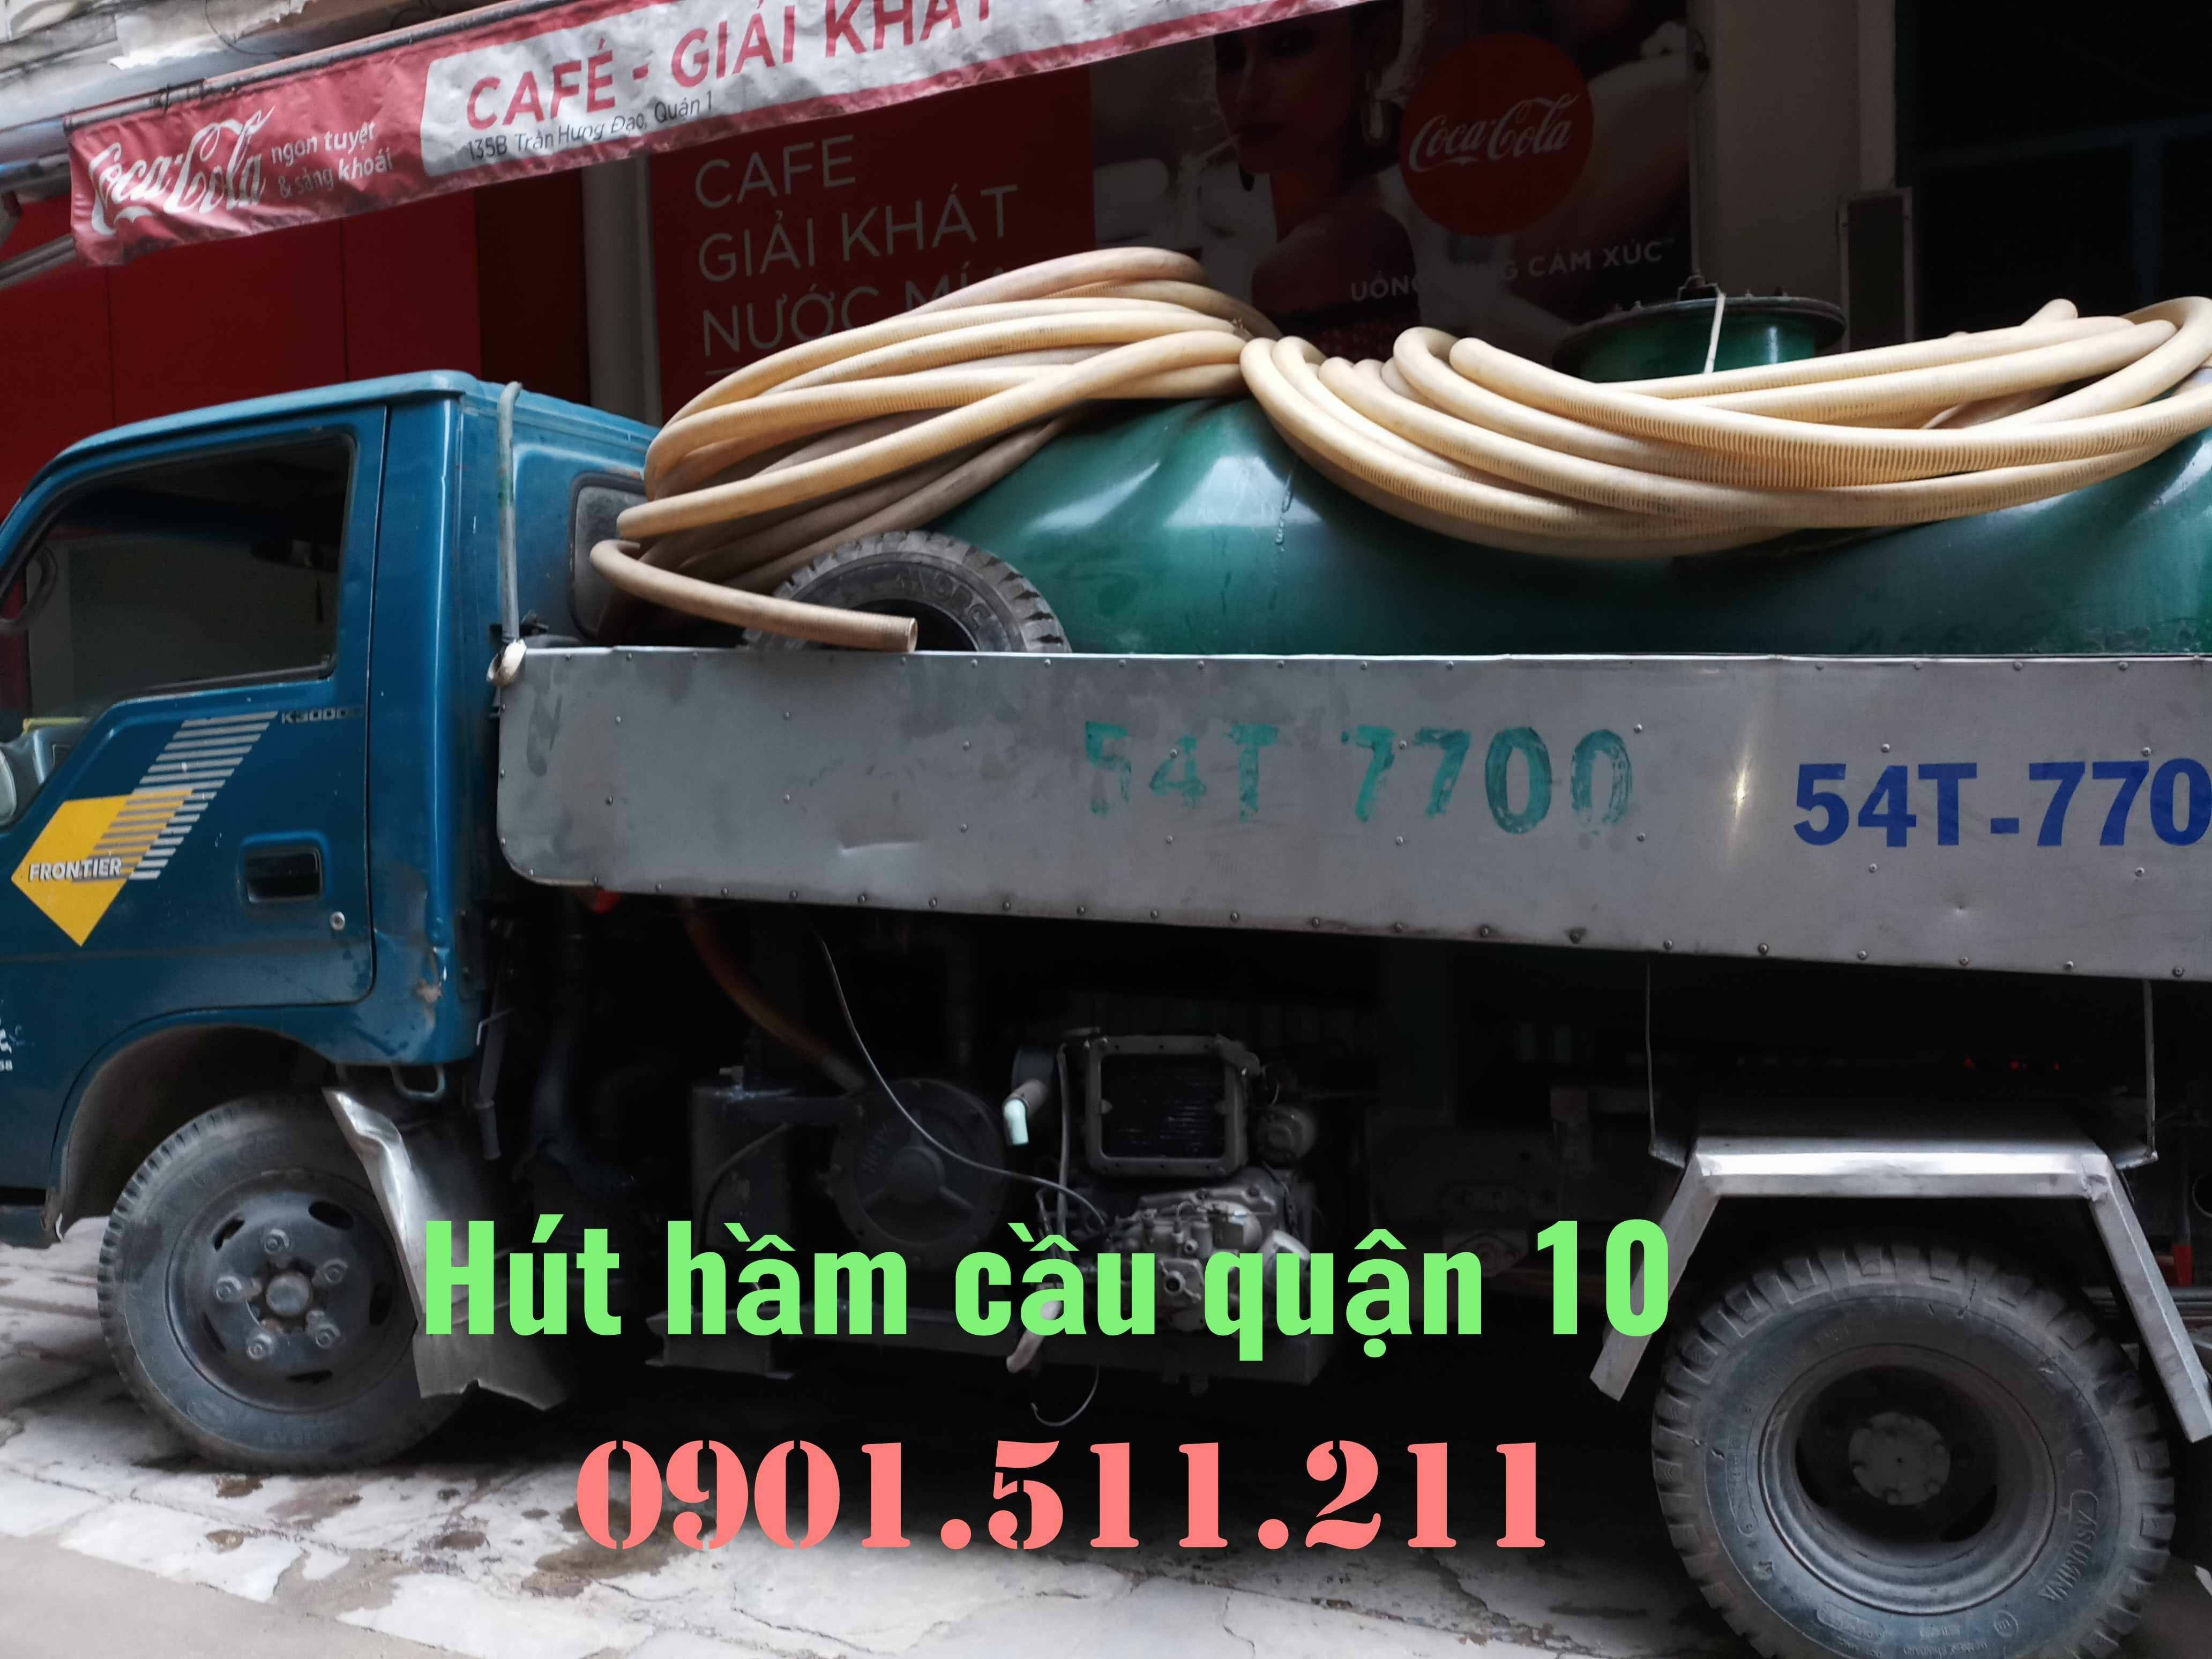 hut-ham-cau-quan-10